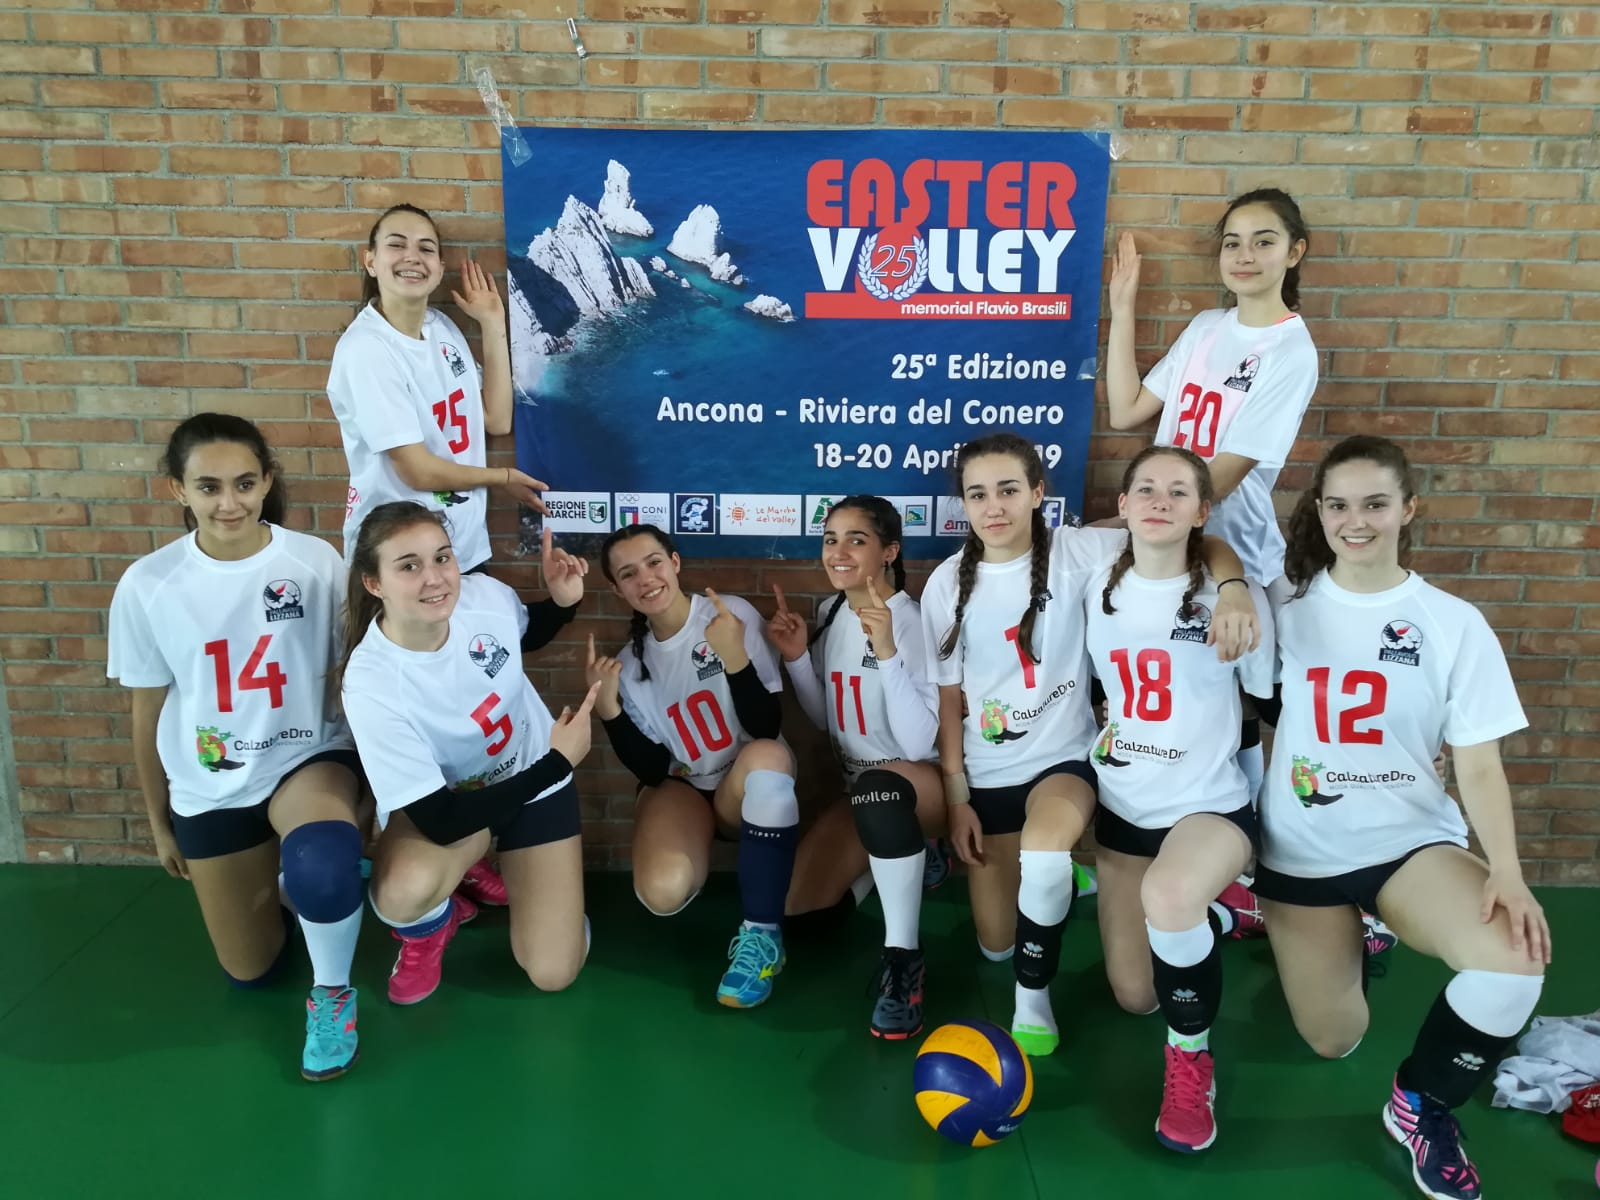 Ester Volley 4